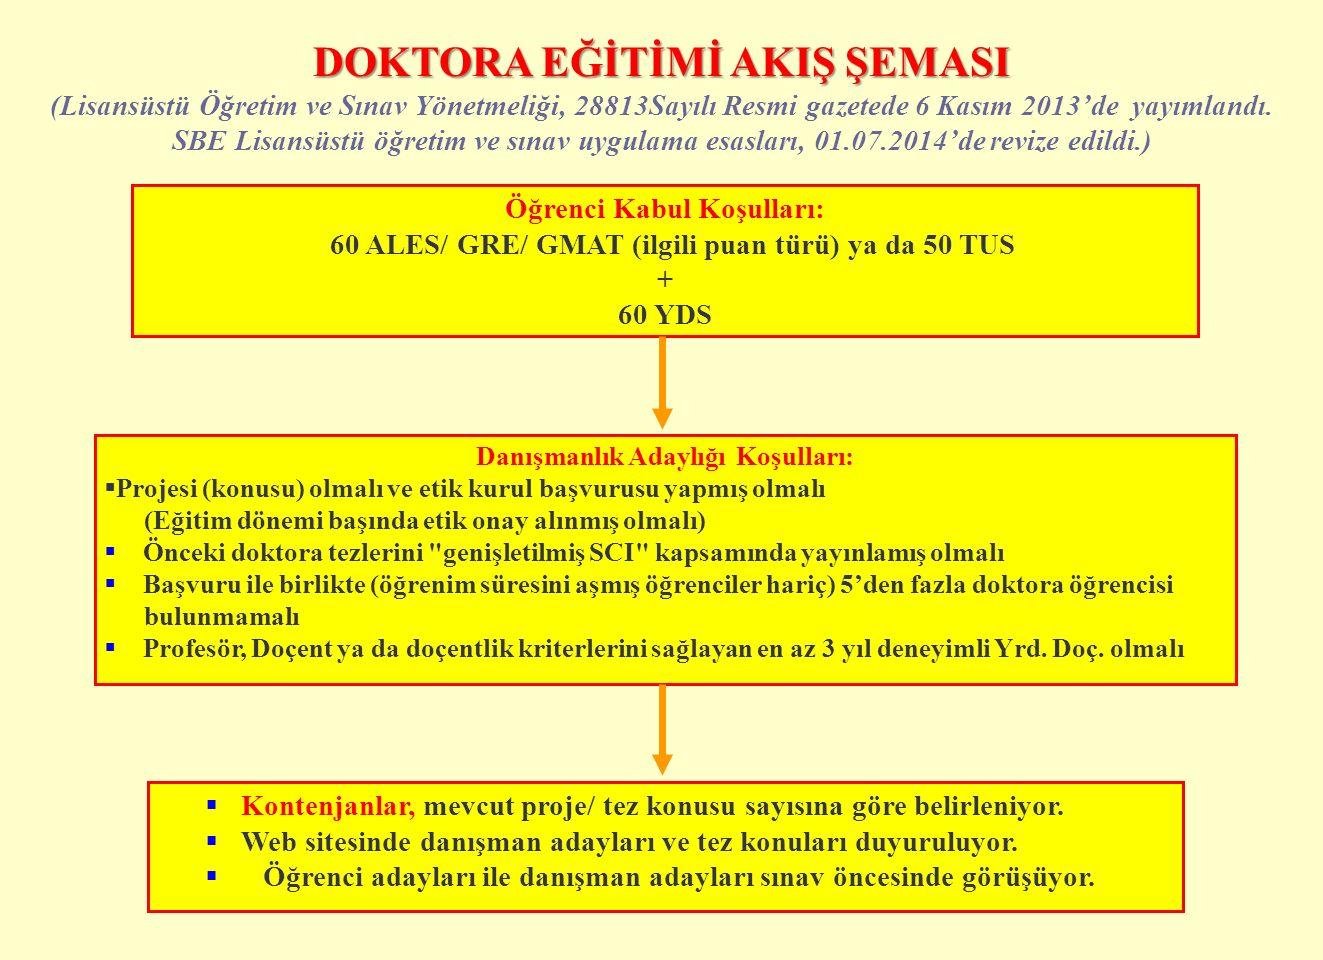 DOKTORA EĞİTİMİ AKIŞ ŞEMASI (Lisansüstü Öğretim ve Sınav Yönetmeliği, 28813Sayılı Resmi gazetede 6 Kasım 2013'de yayımlandı. SBE Lisansüstü öğretim ve